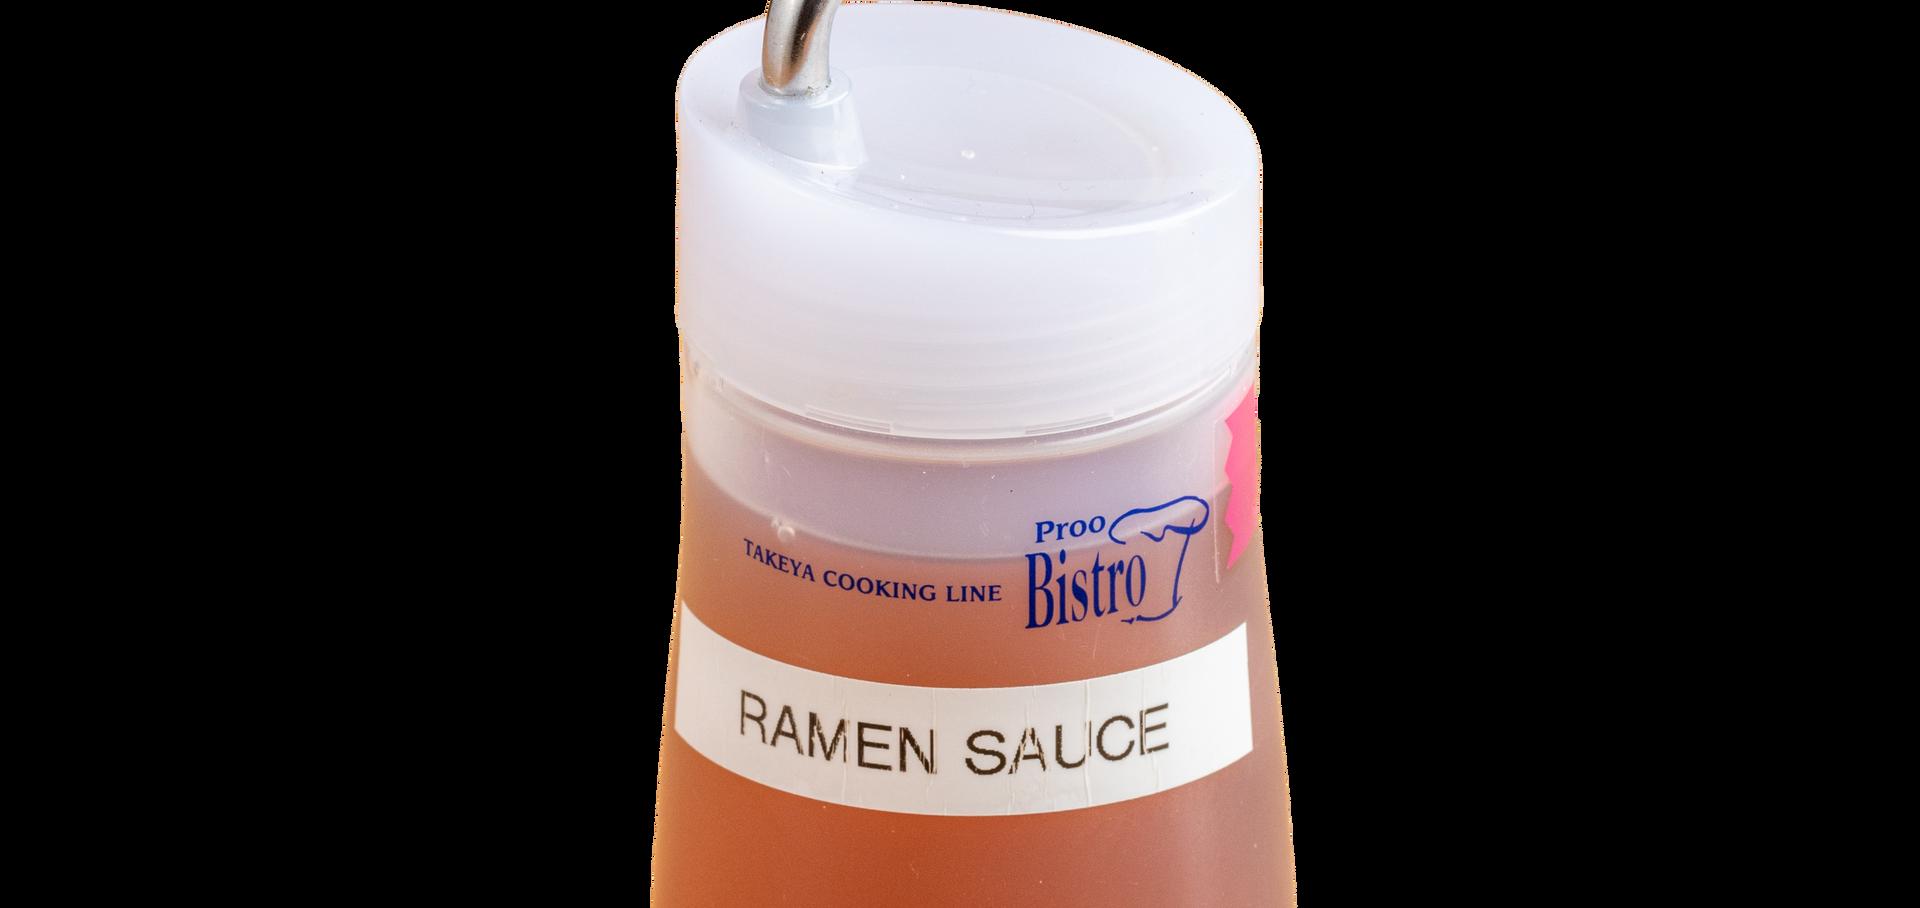 Ramen Sauce